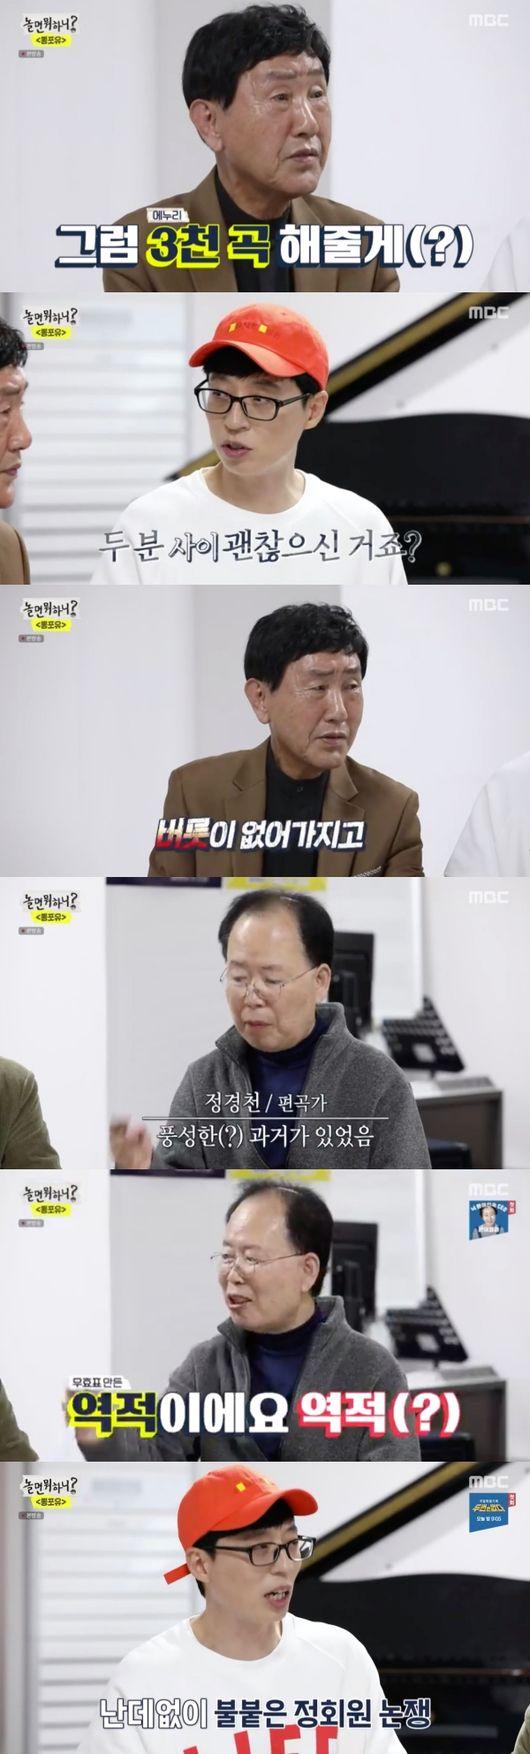 '놀면 뭐하니' 유재석→유산슬, '합정역 5번 출구' 데뷔 목전..배일호·박상철 지원 [종합]